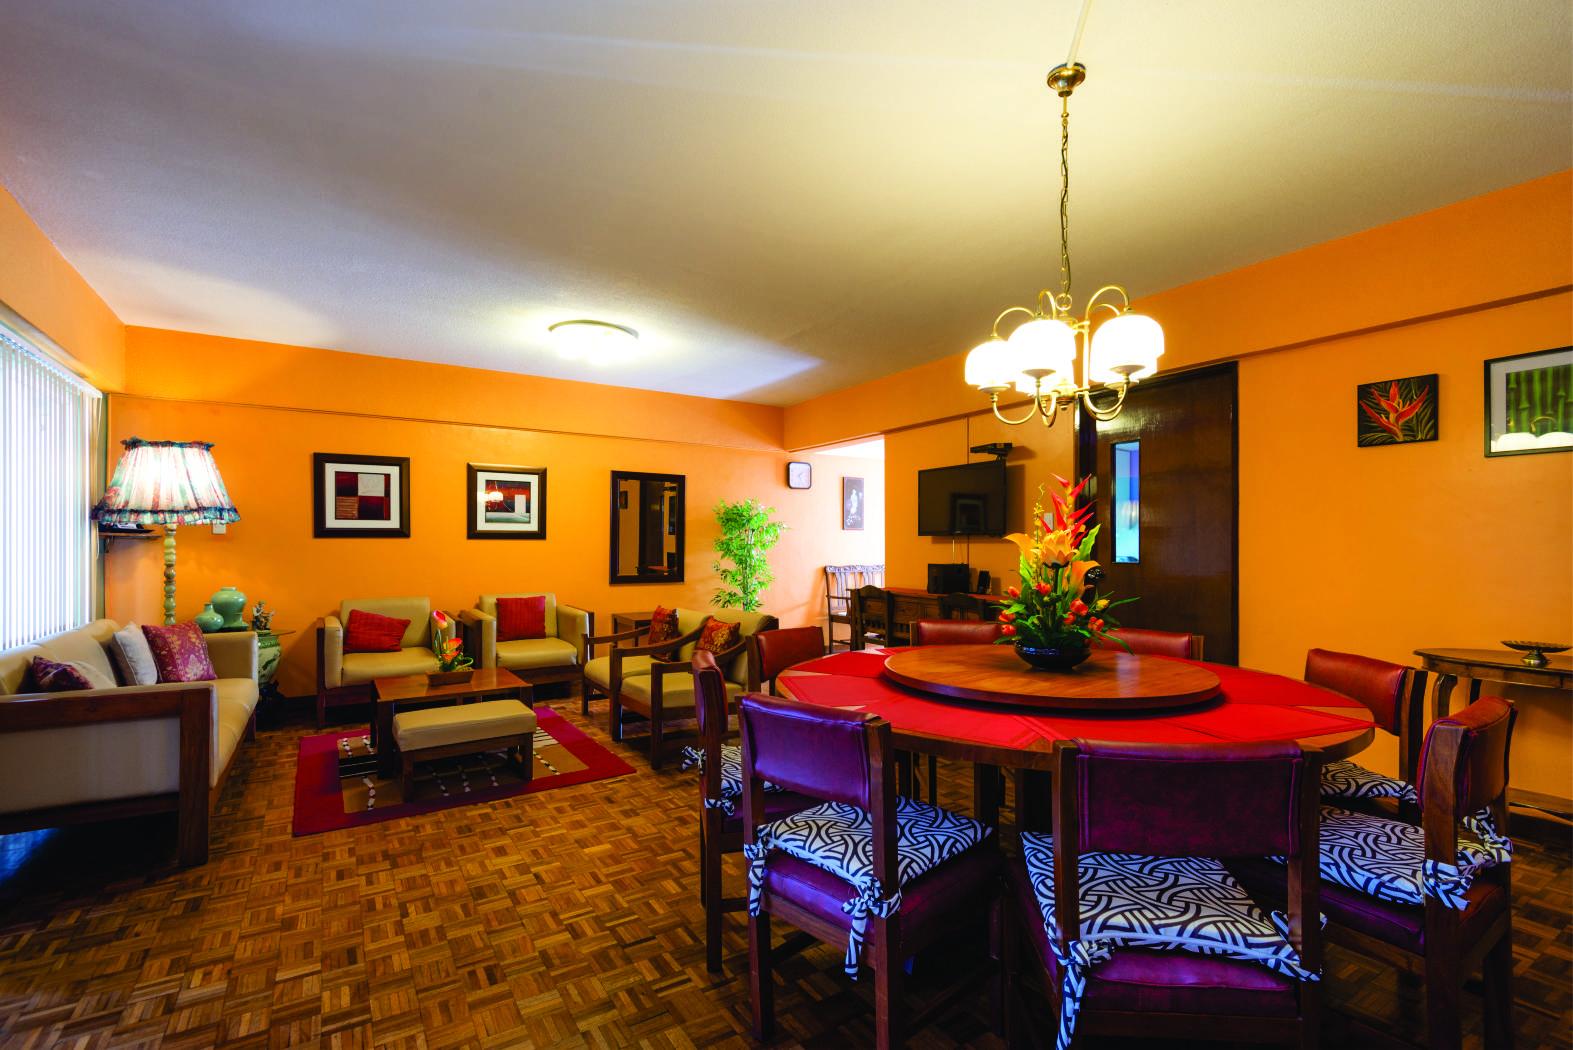 Baguio Transient Condo Dining